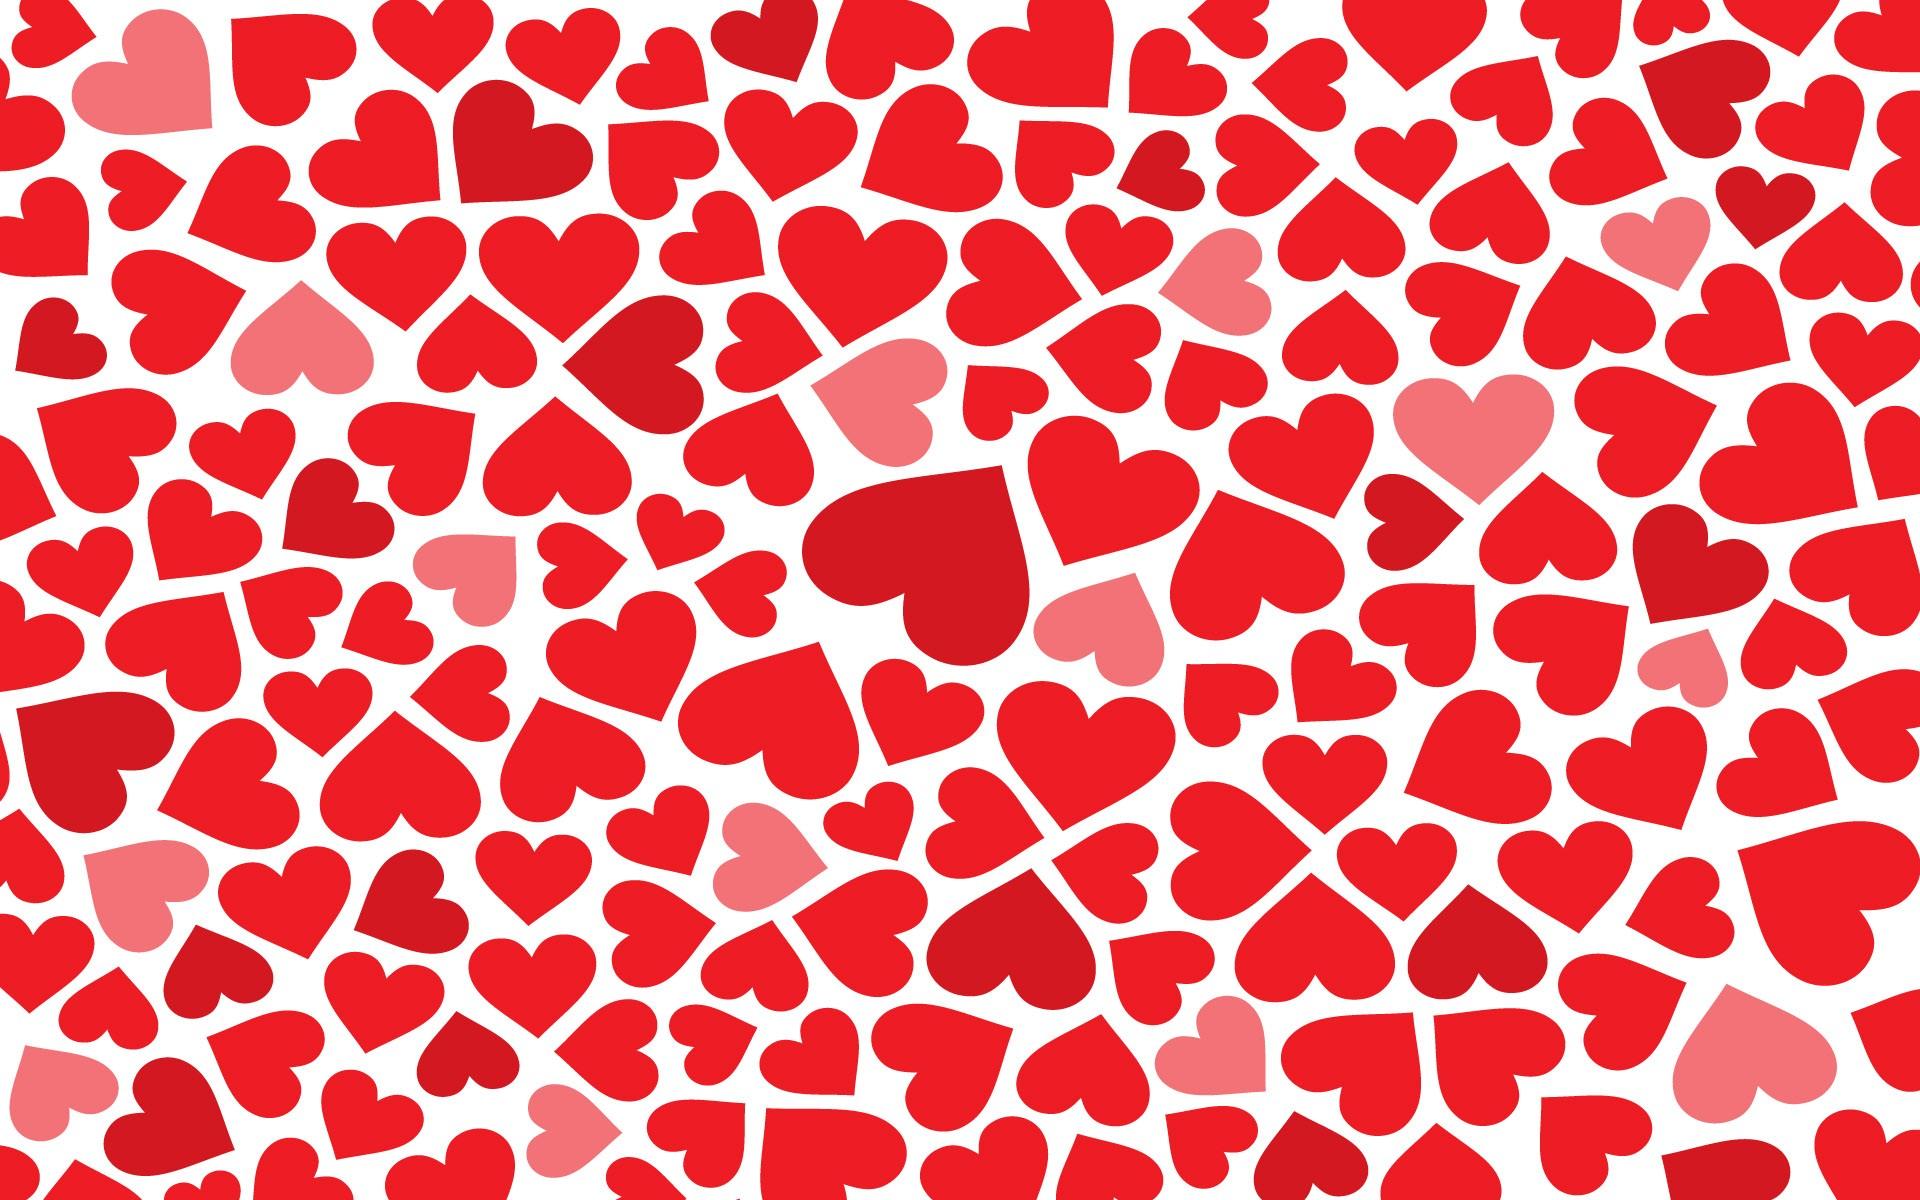 Muchos corazones - 1920x1200